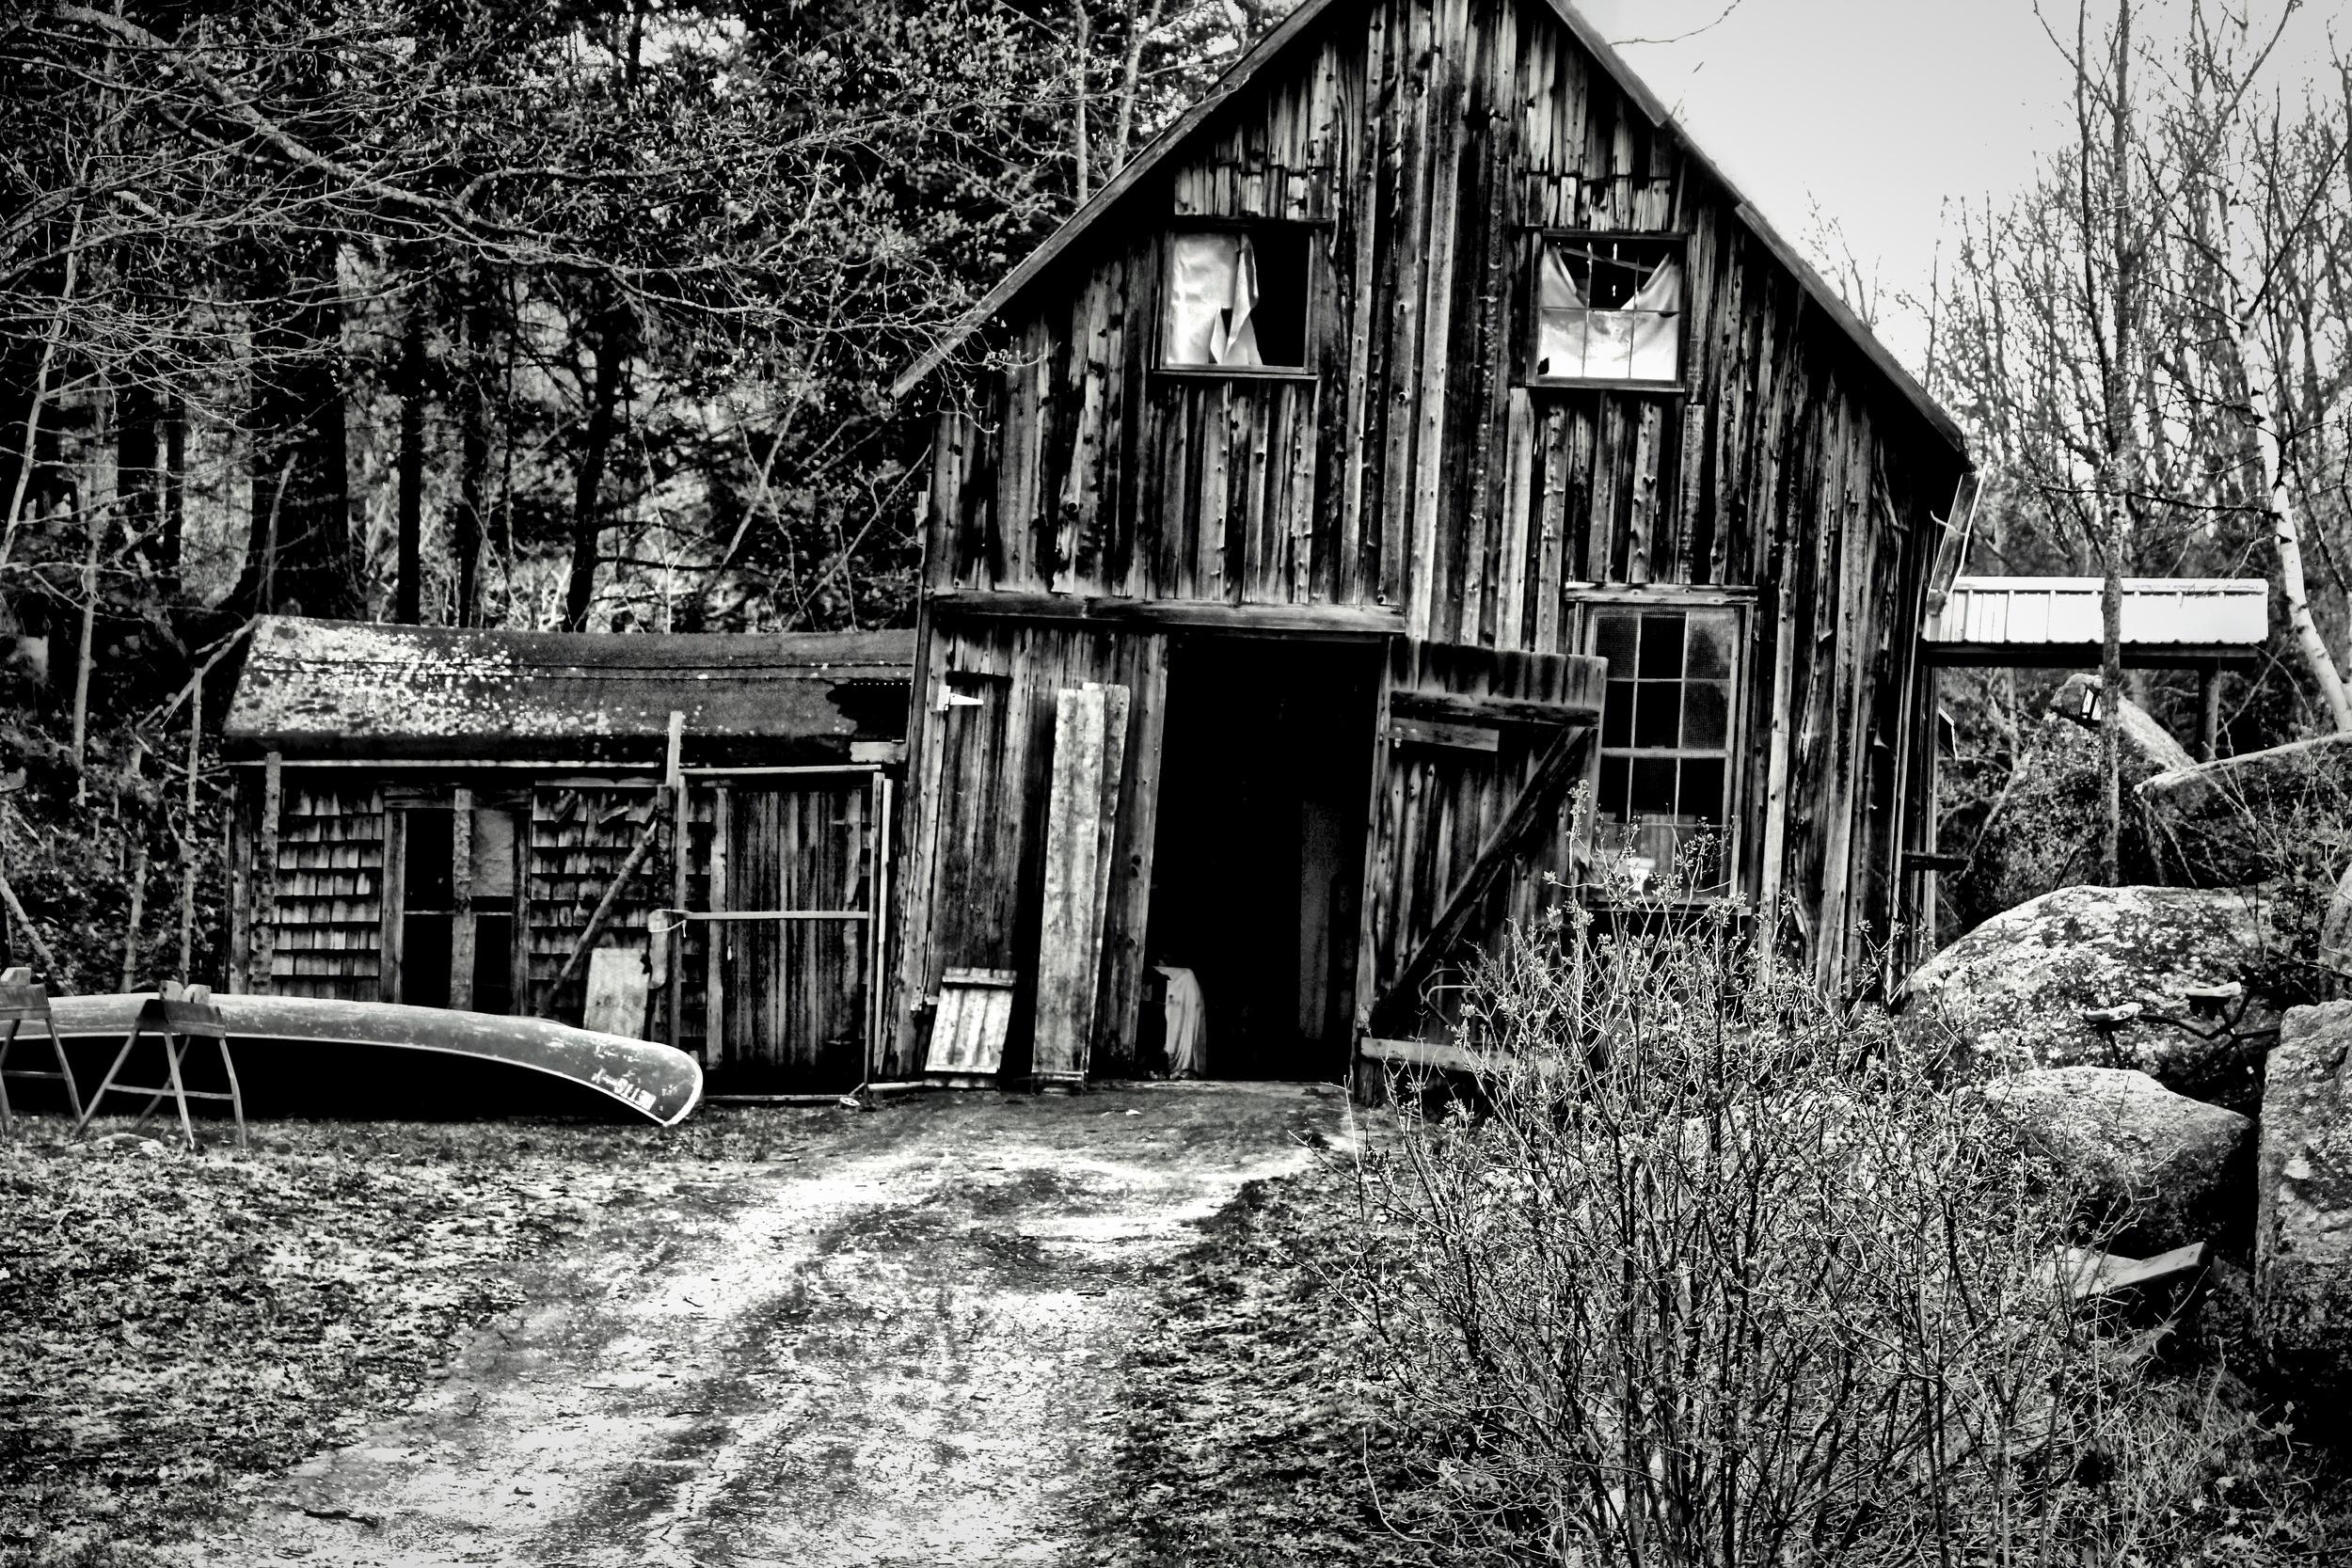 Barn Has Seen Better Days  B103